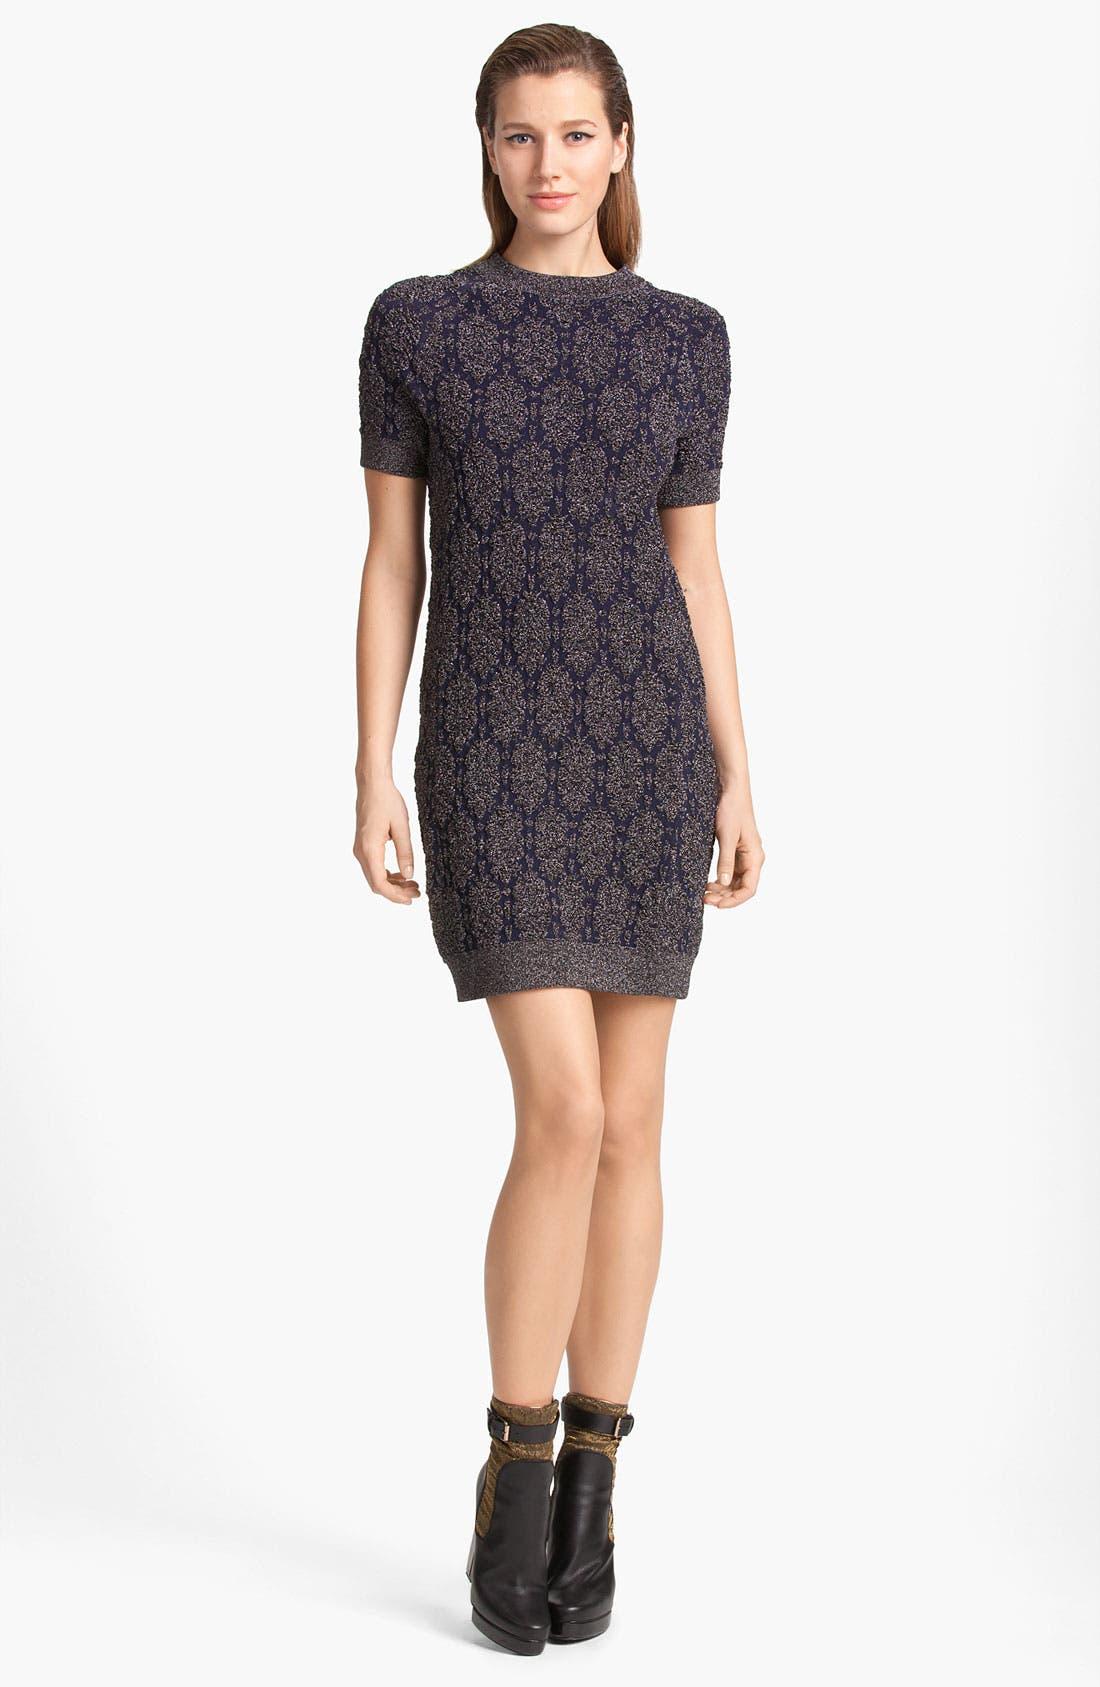 Lamé Knit Dress,                         Main,                         color, Anthracite/ Navy